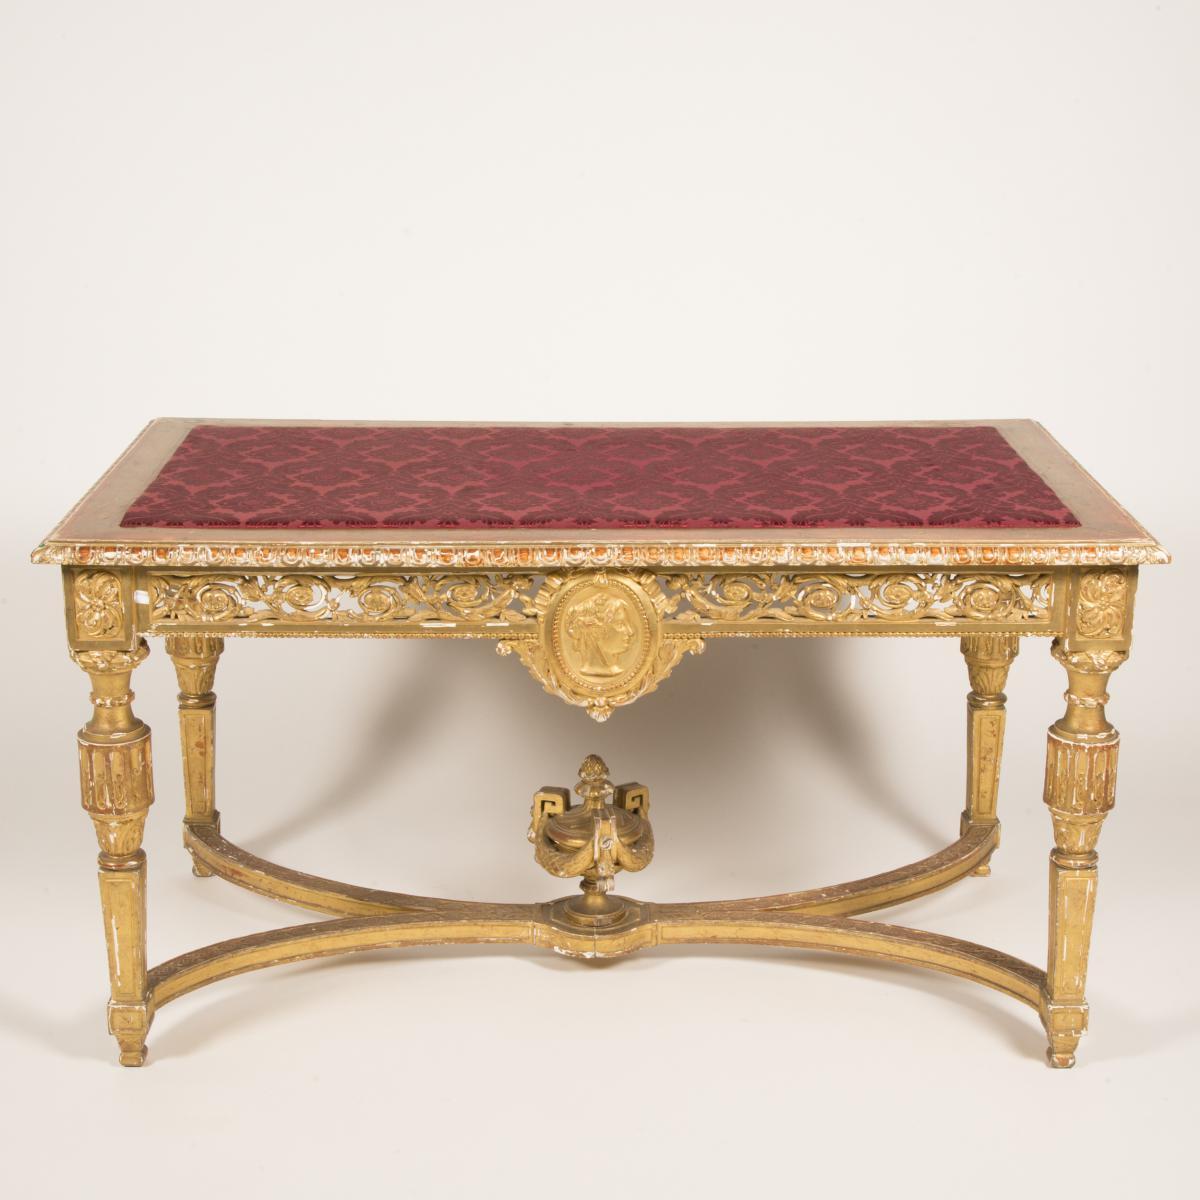 Table de milieu en bois doré, XIXe